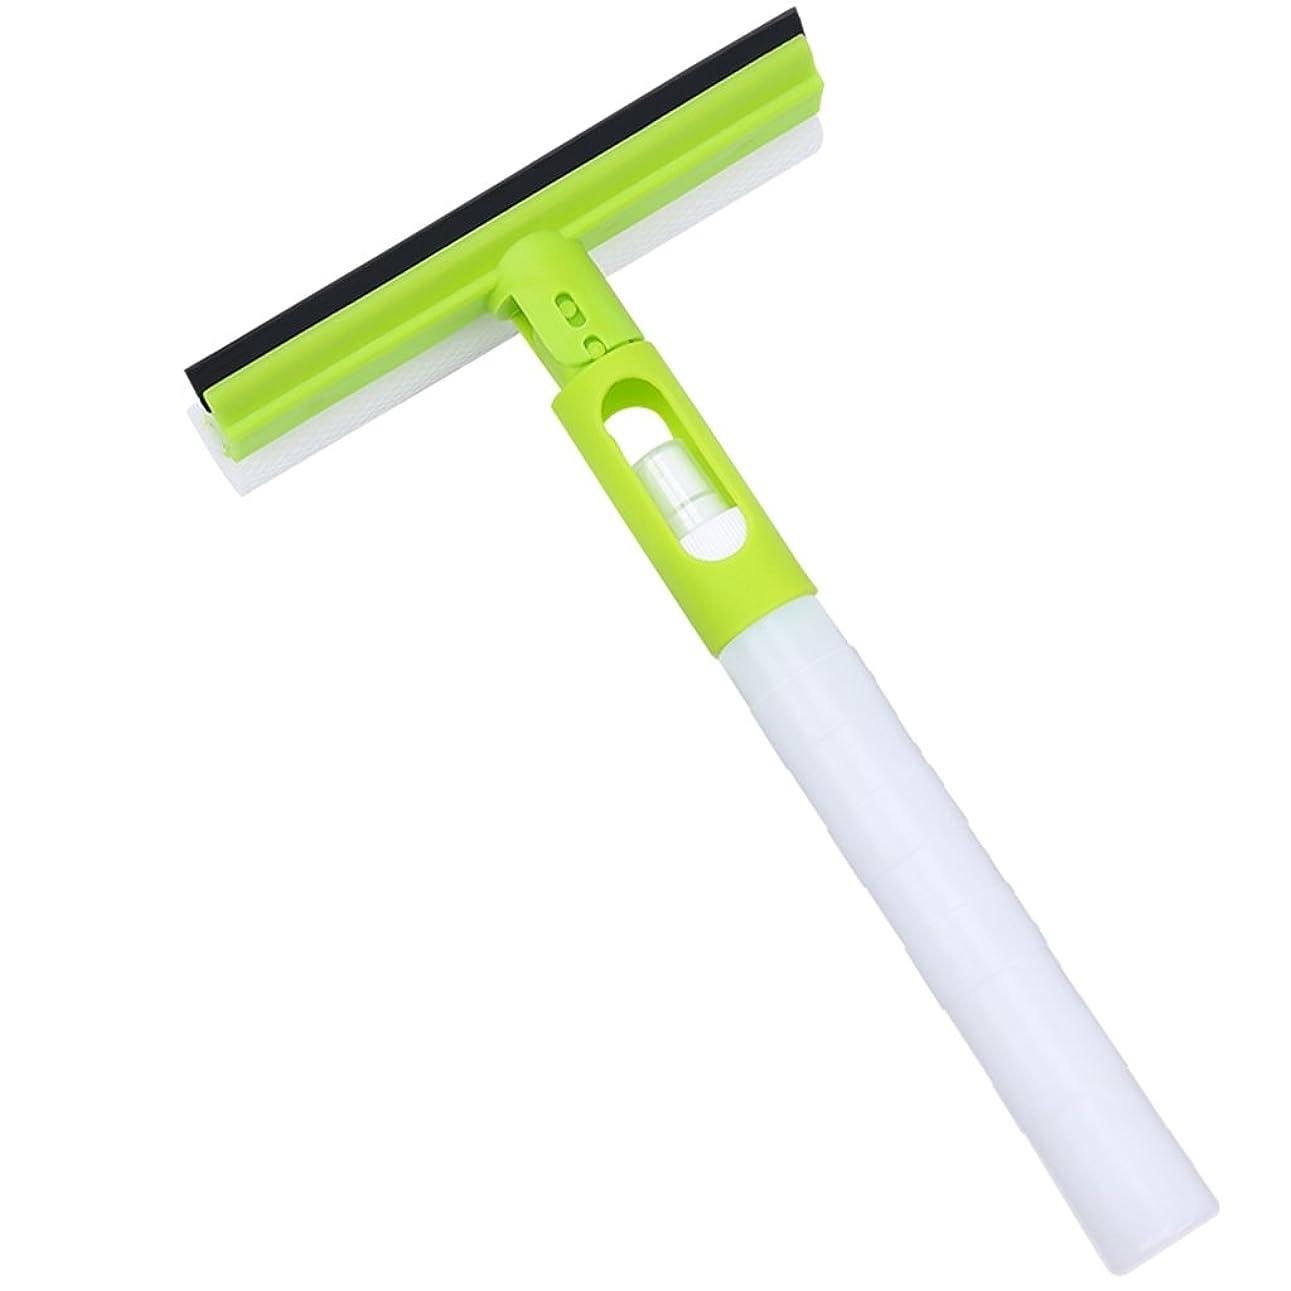 でも気質揺れるプラスチックガラスワイパー両面洗浄多目的ウォータージェットスキージ ( 色 : 緑 )